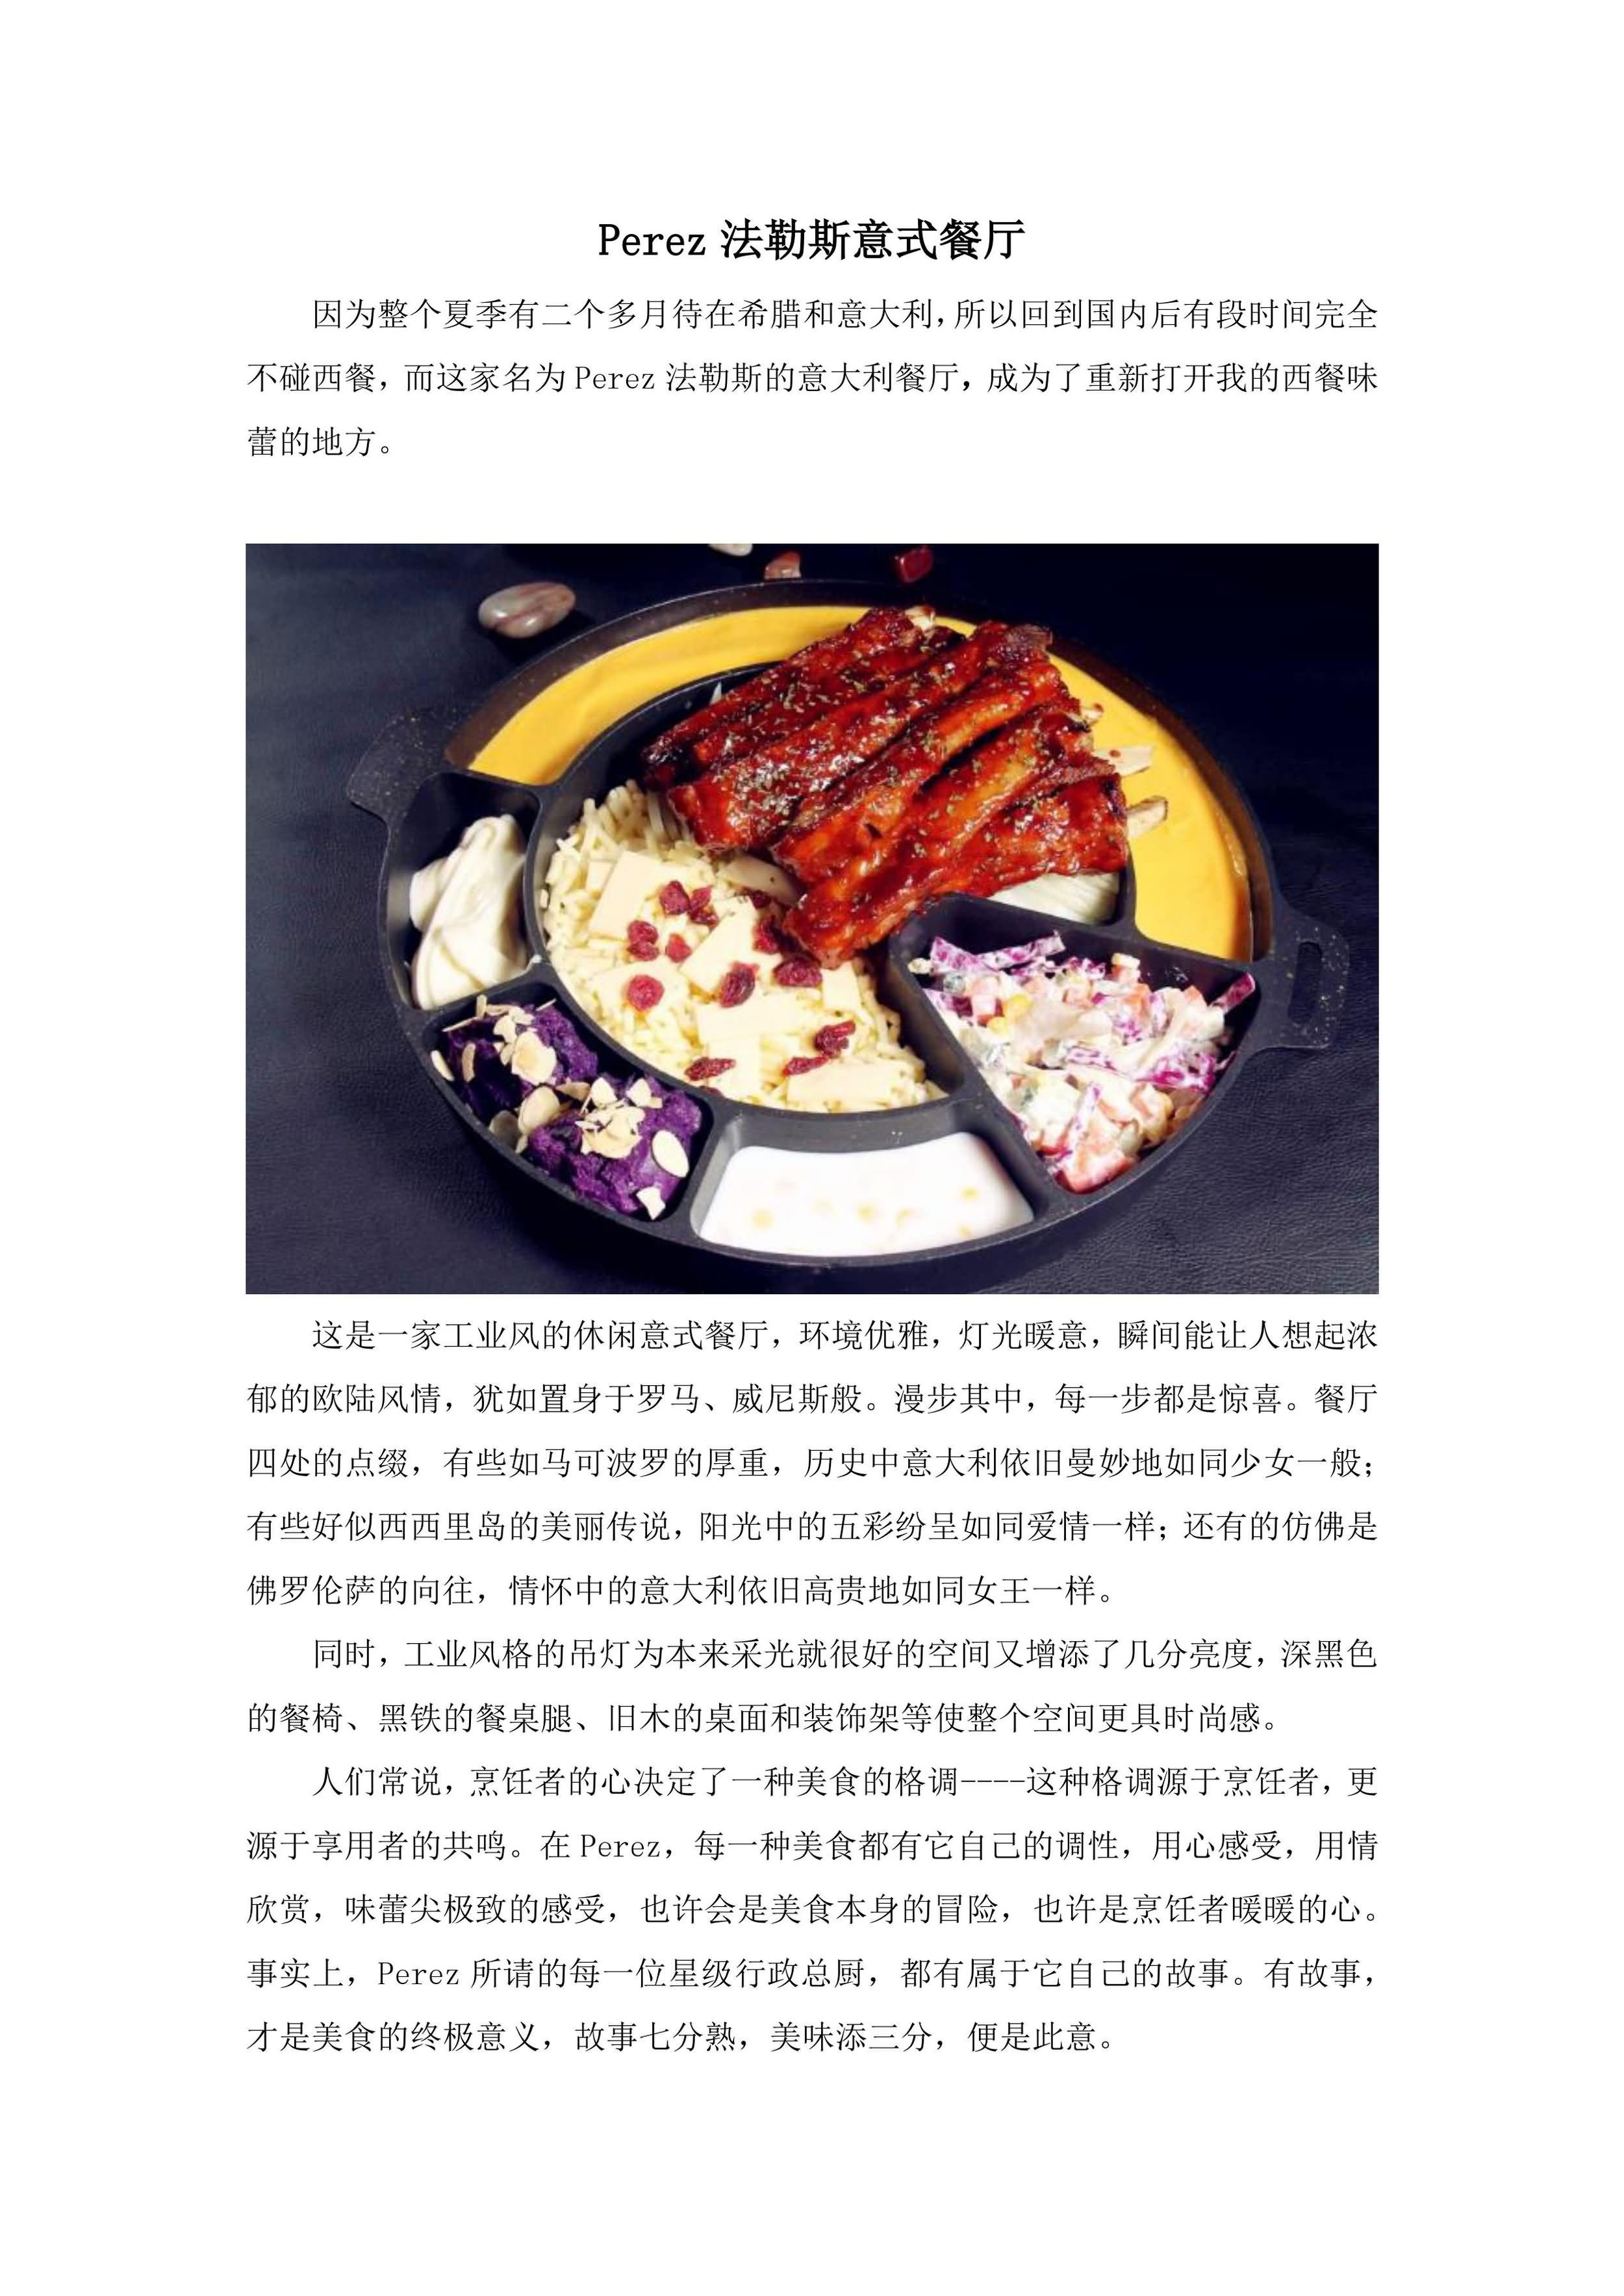 香港樂源餐飲集團有限公司20